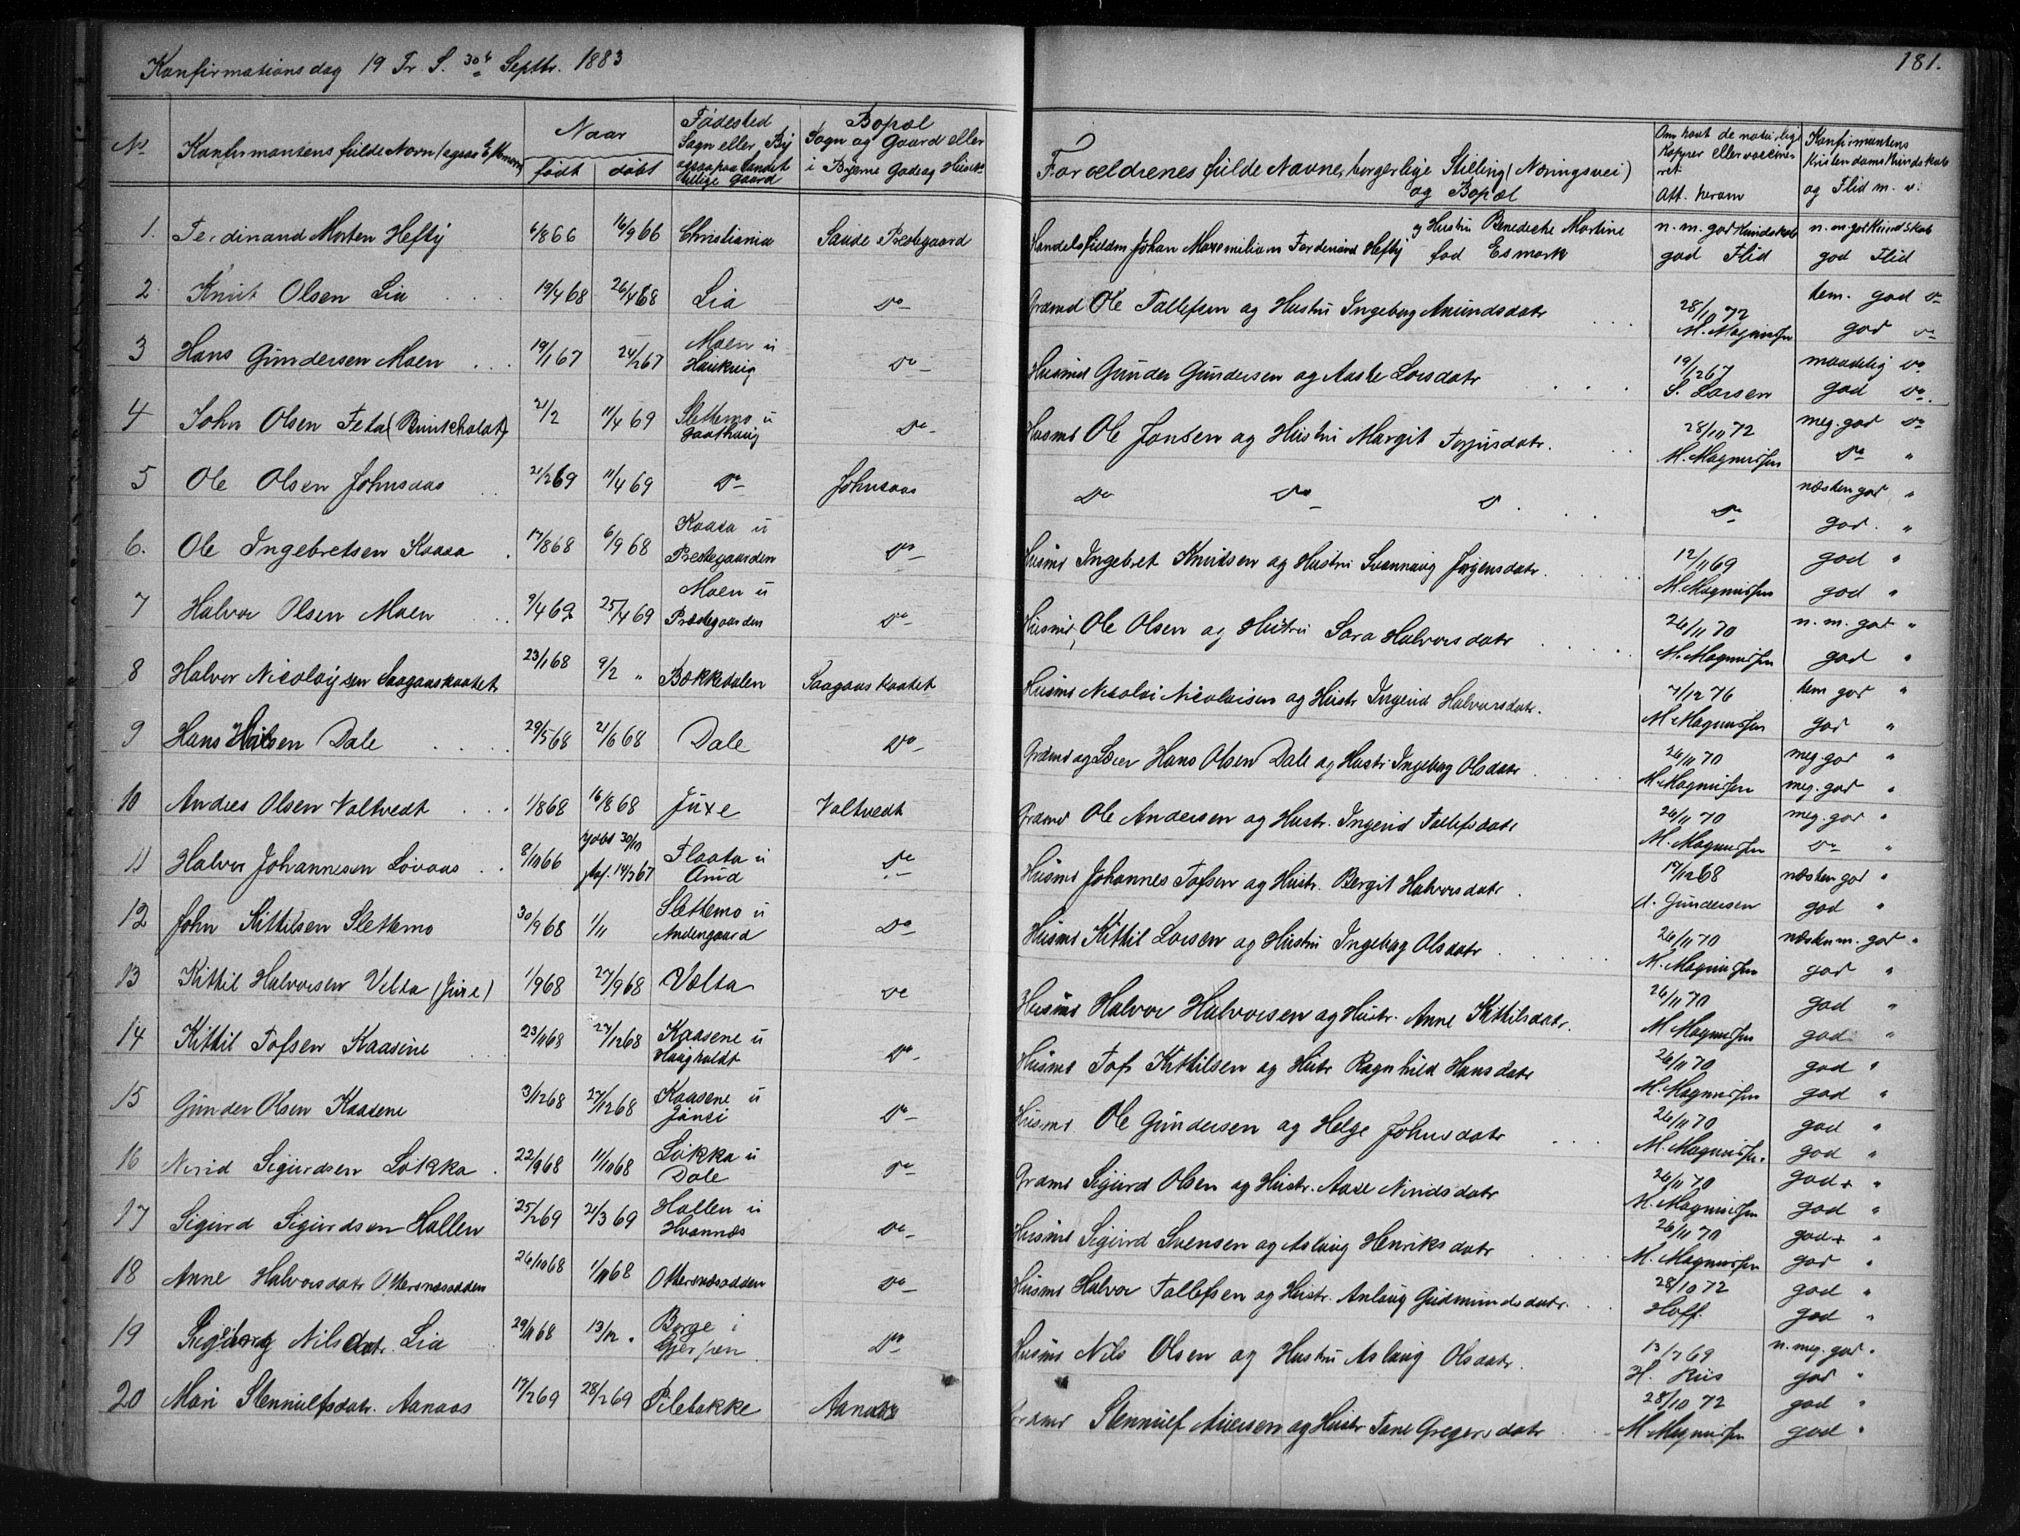 SAKO, Sauherad kirkebøker, G/Ga/L0003: Klokkerbok nr. I 3, 1866-1905, s. 181